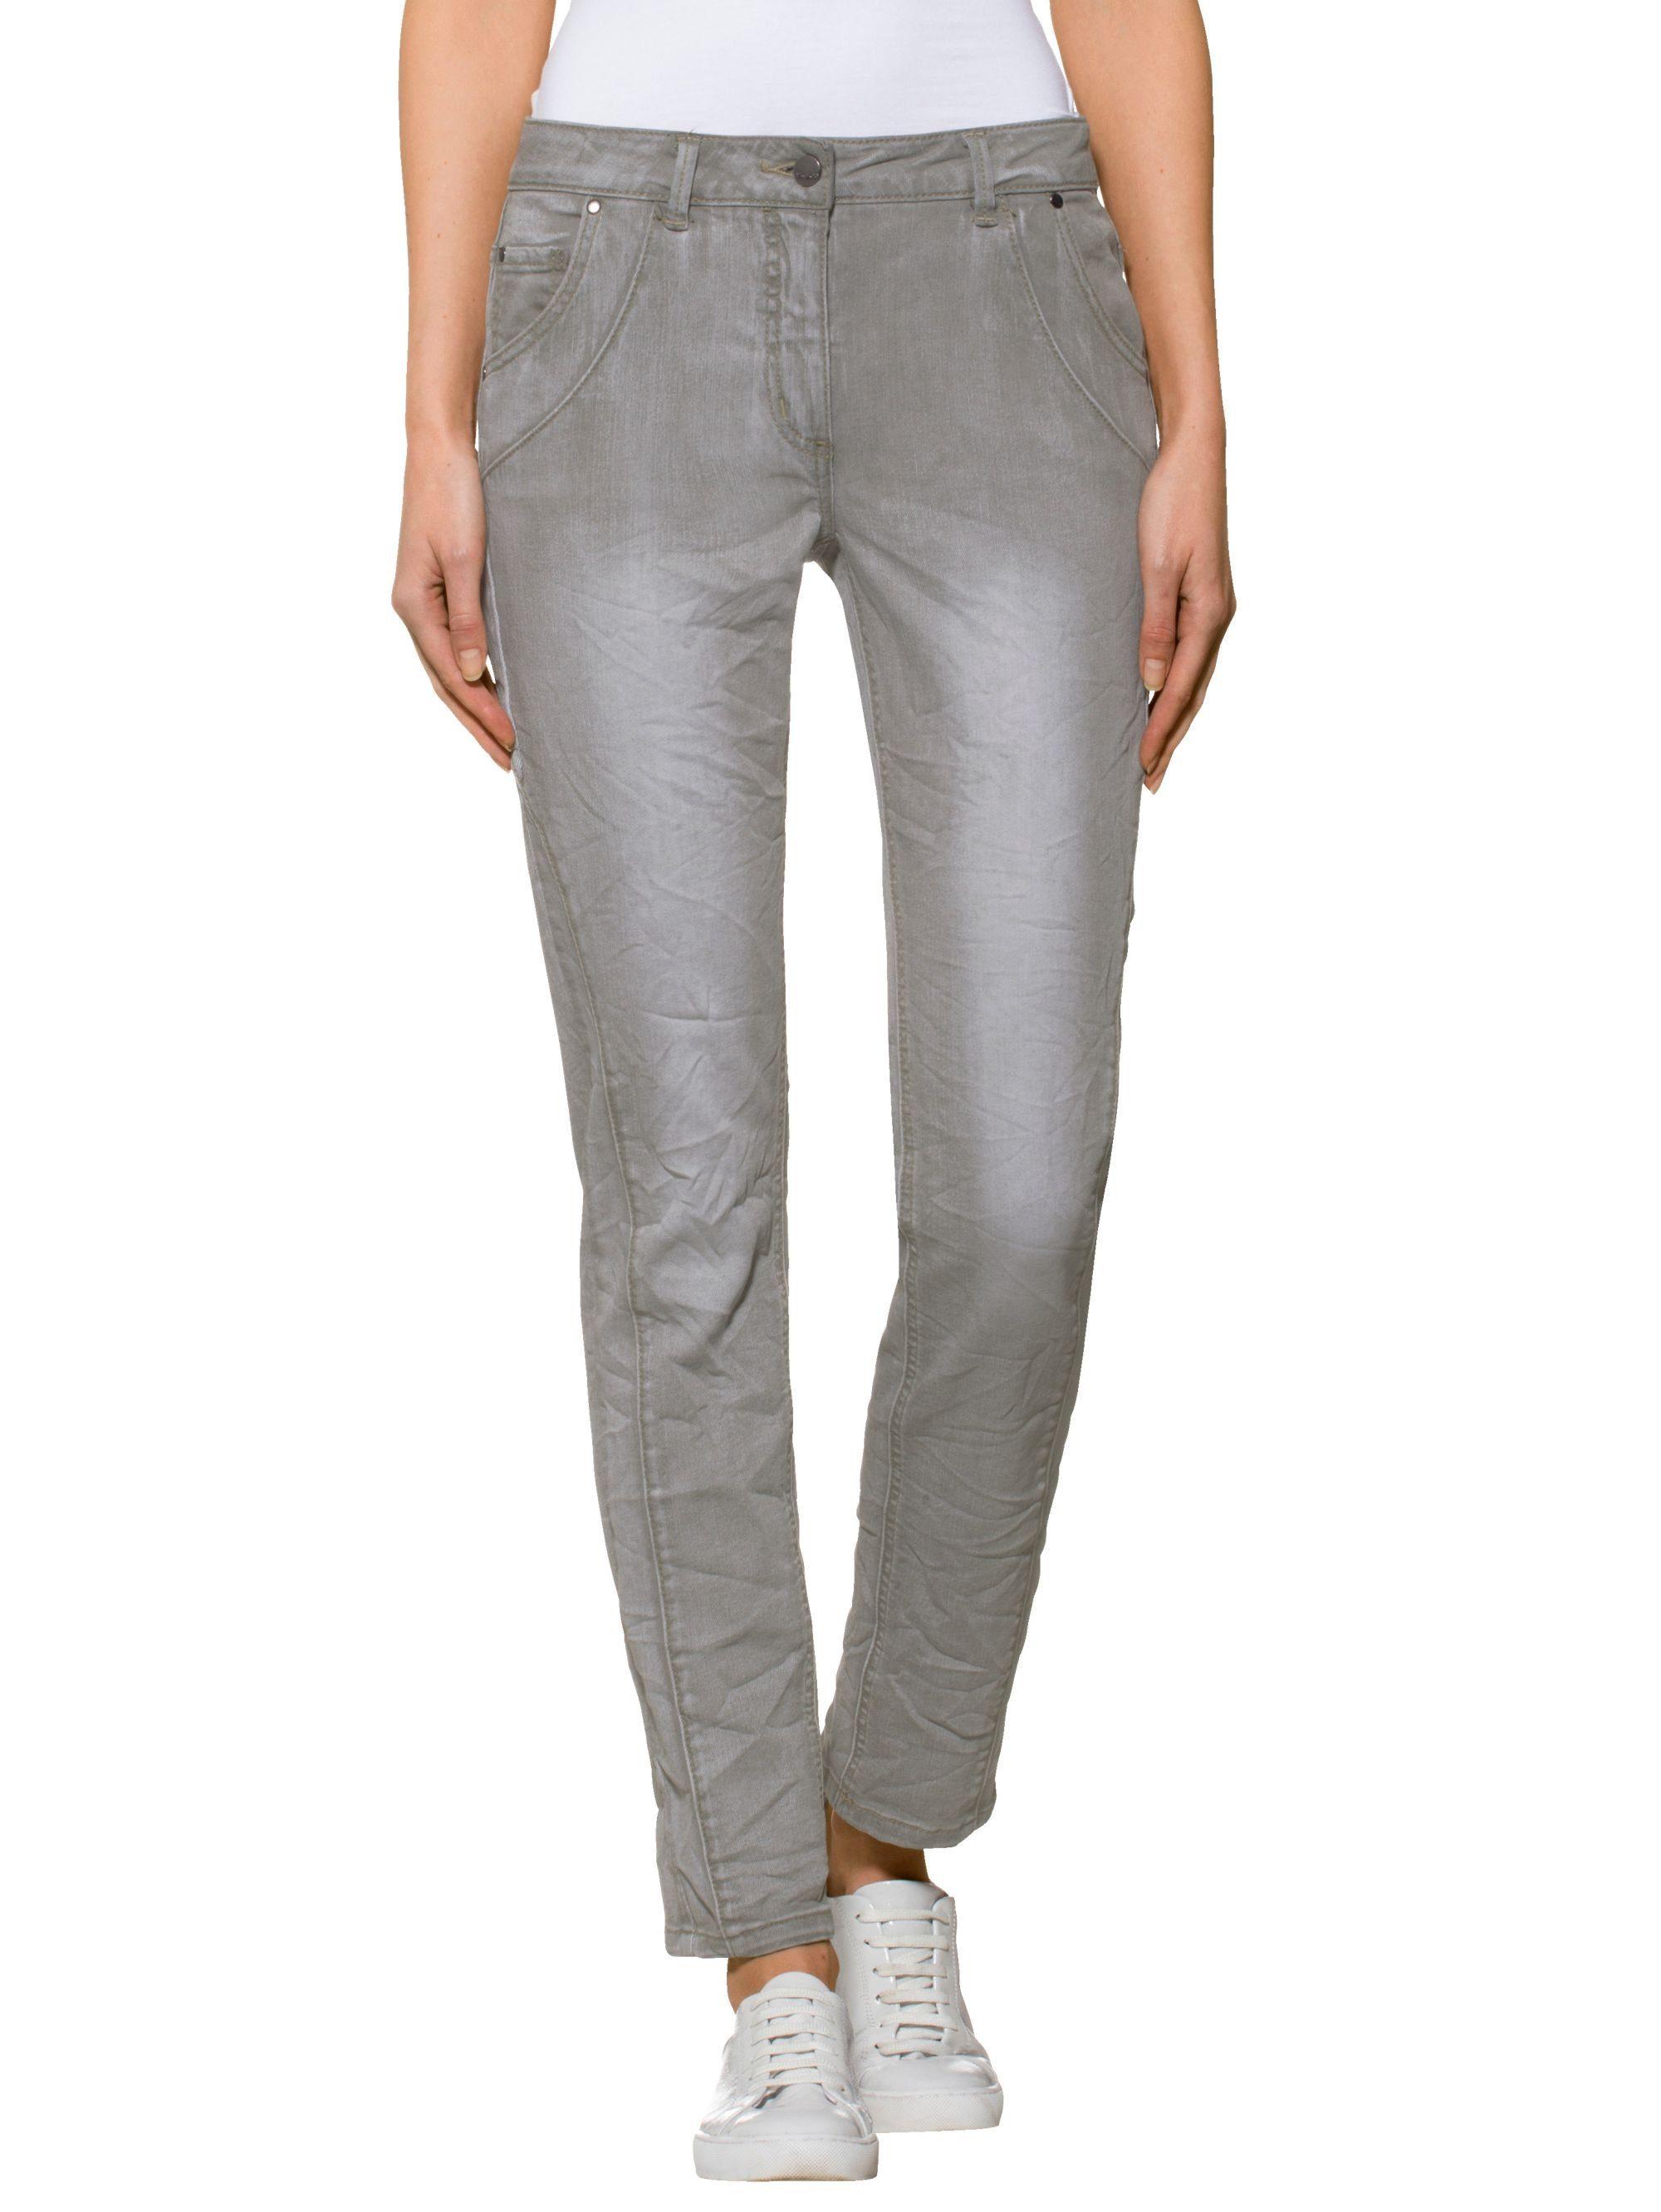 Sportiven Jeans Moda Mit Alba Teilungsnähten 534RLAcjq